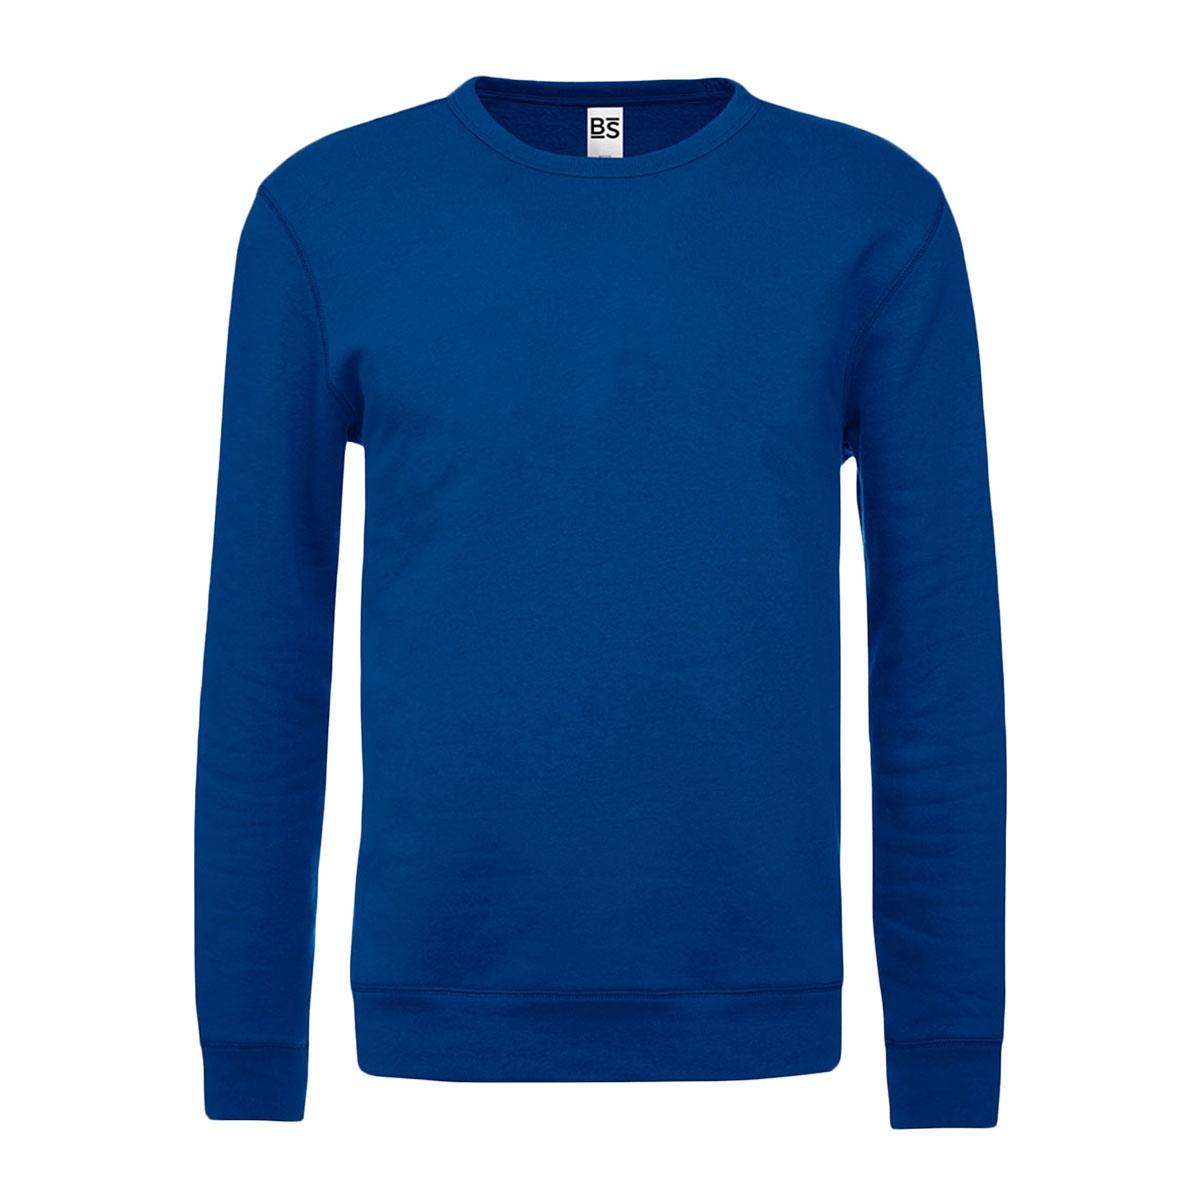 RB   royal blue